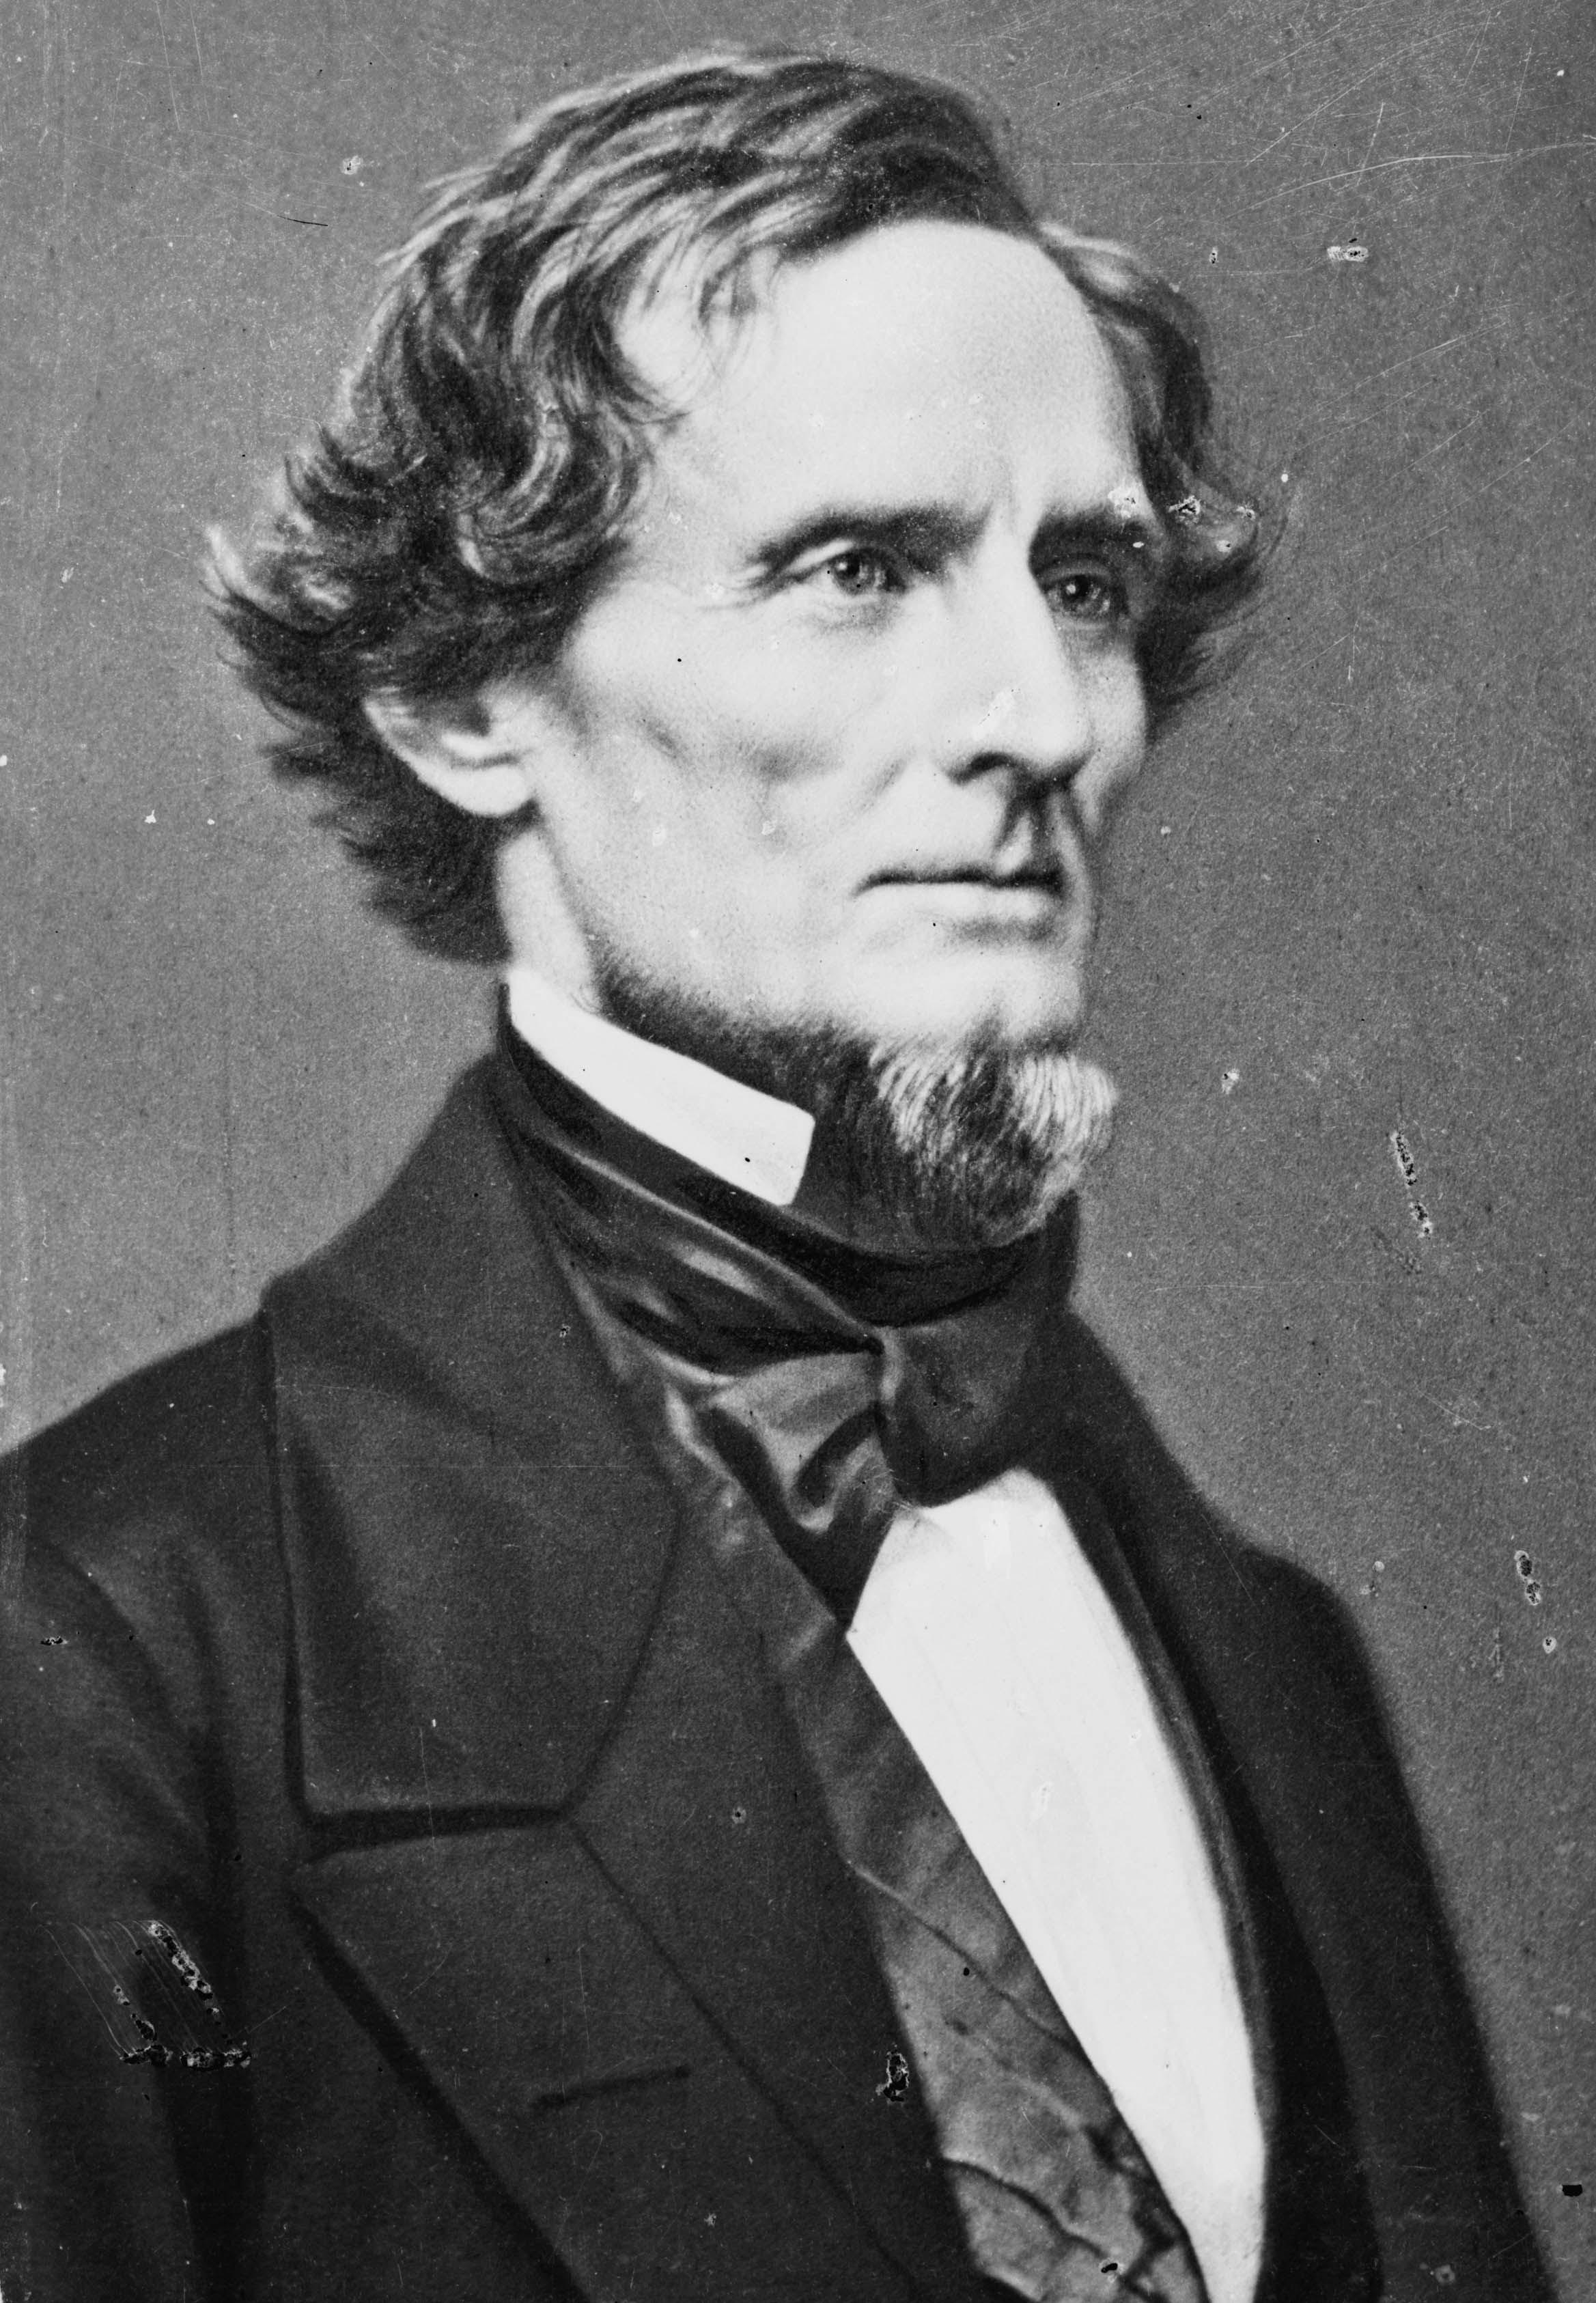 Mathew Brady: Jefferson Davis